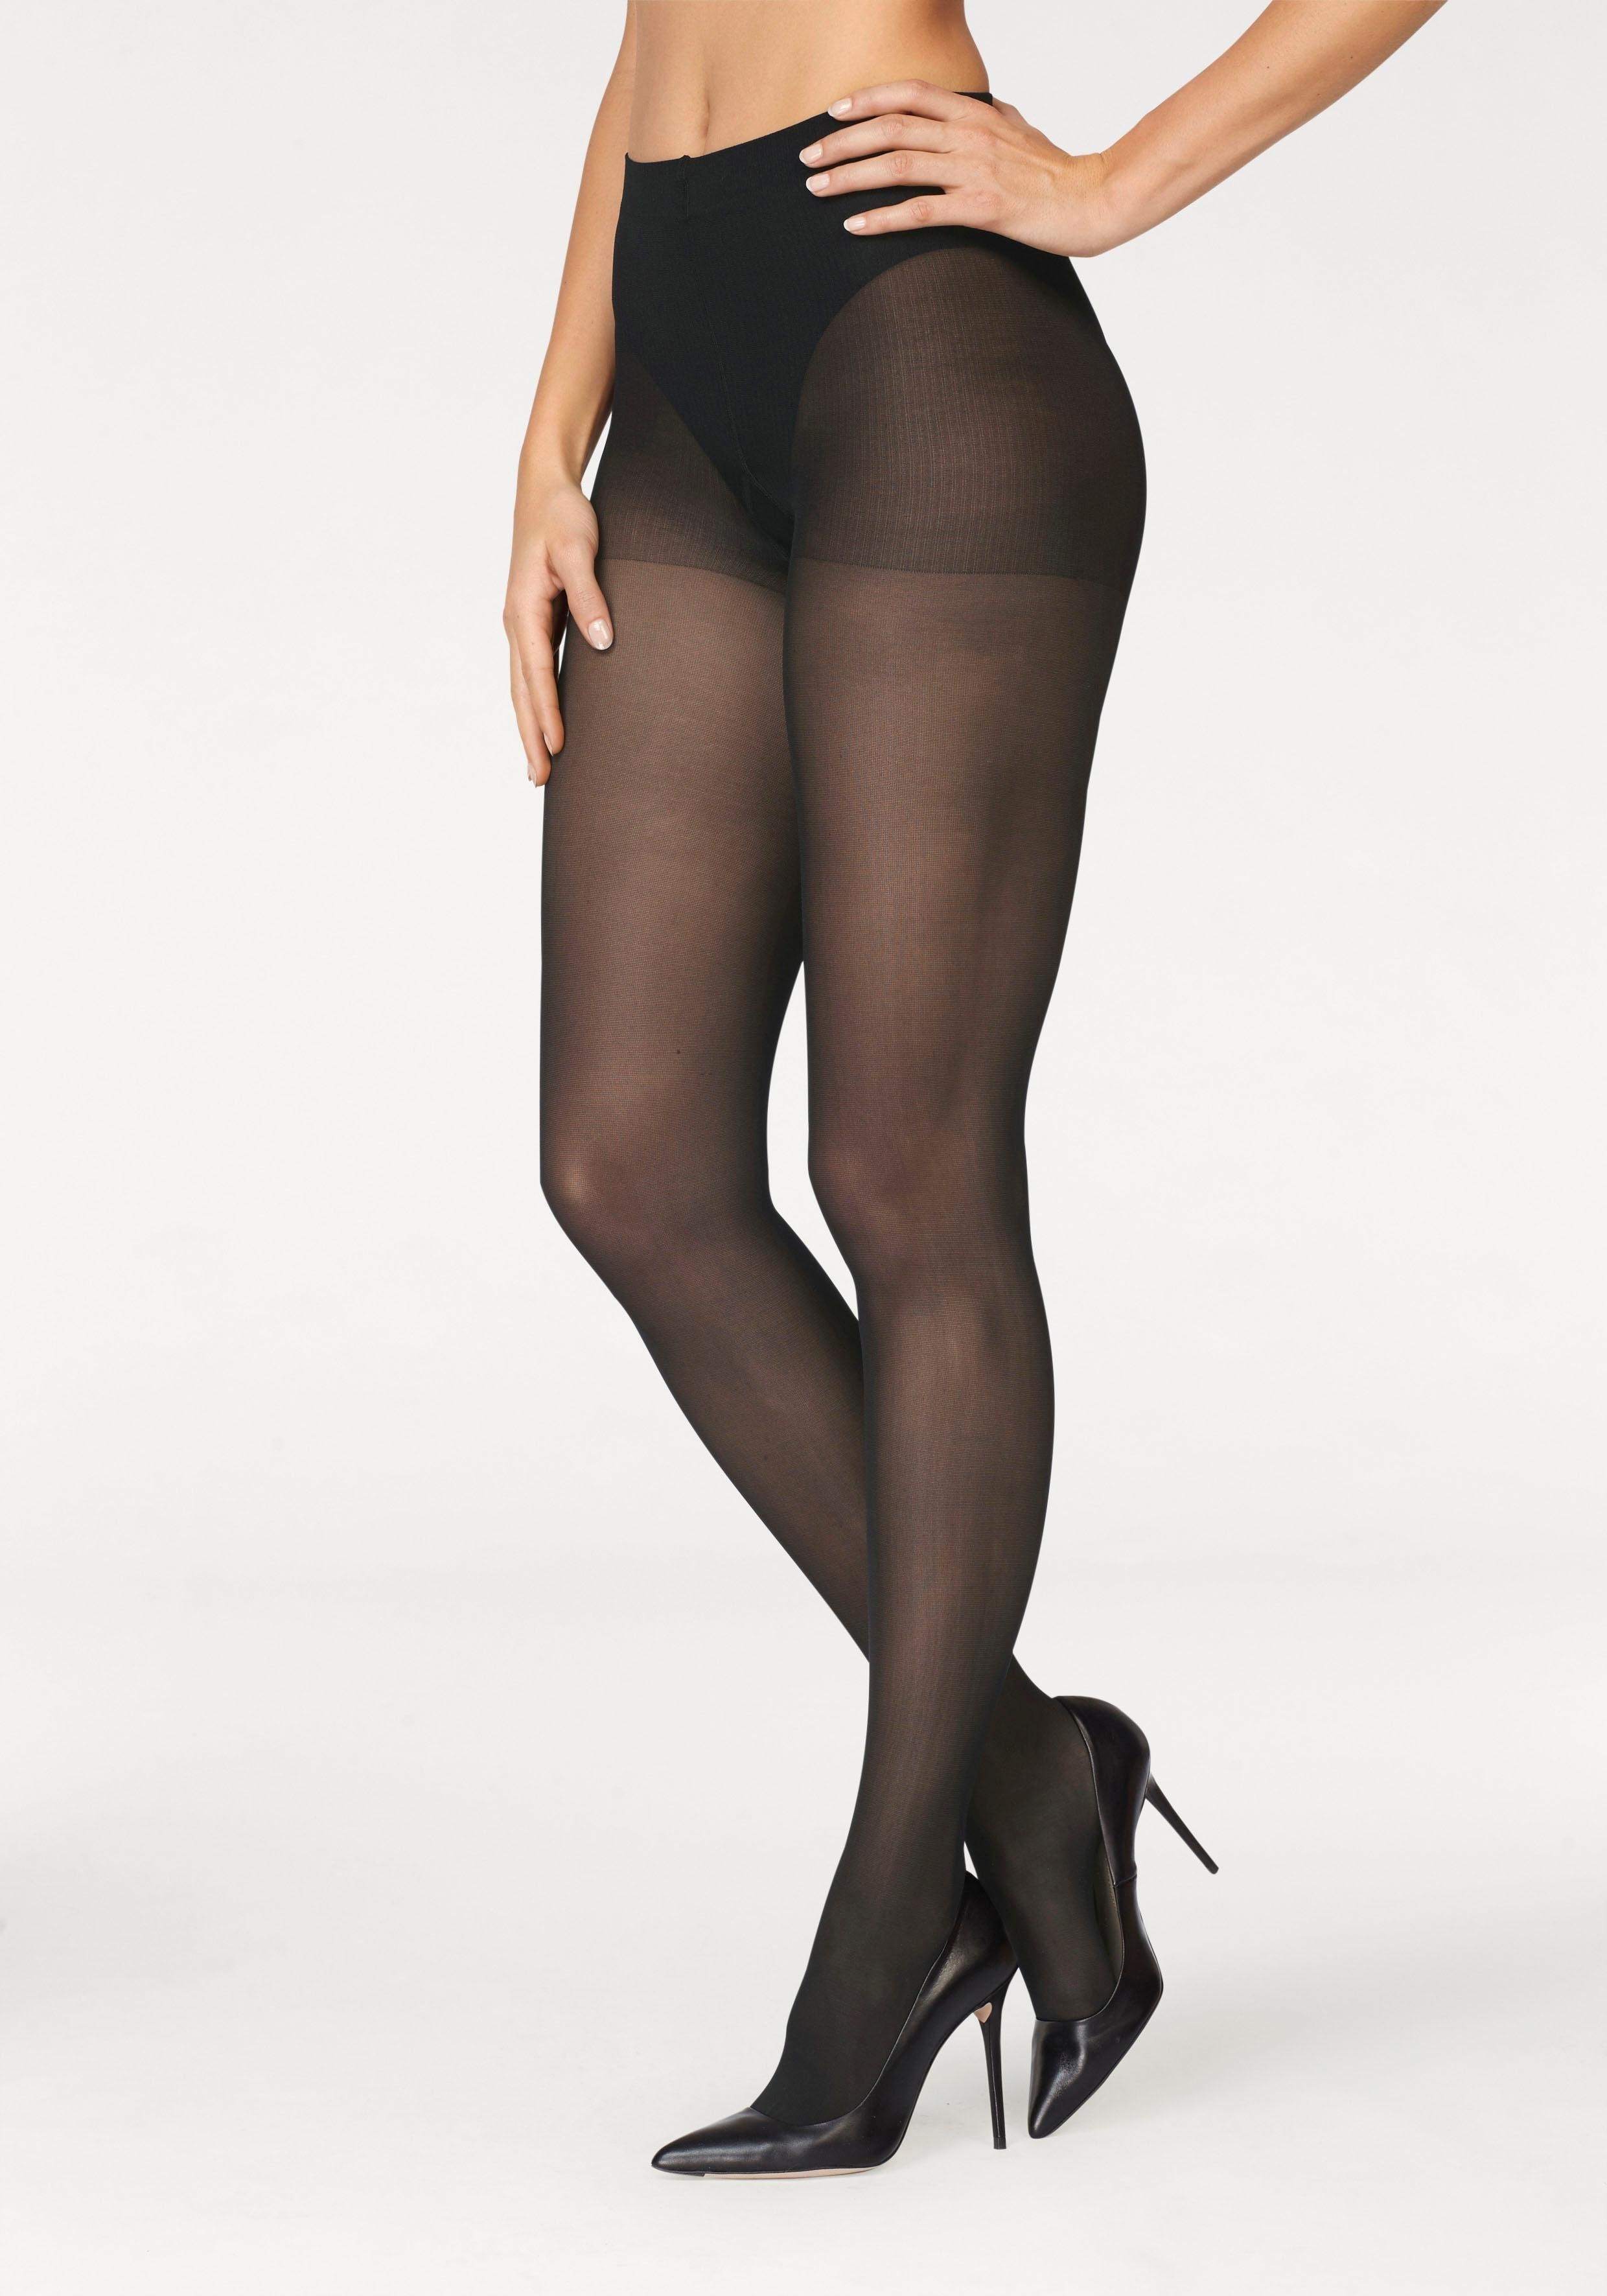 Glamory steunpanty, extra wijd broekje en bij bovenbeen in de webshop van OTTO kopen